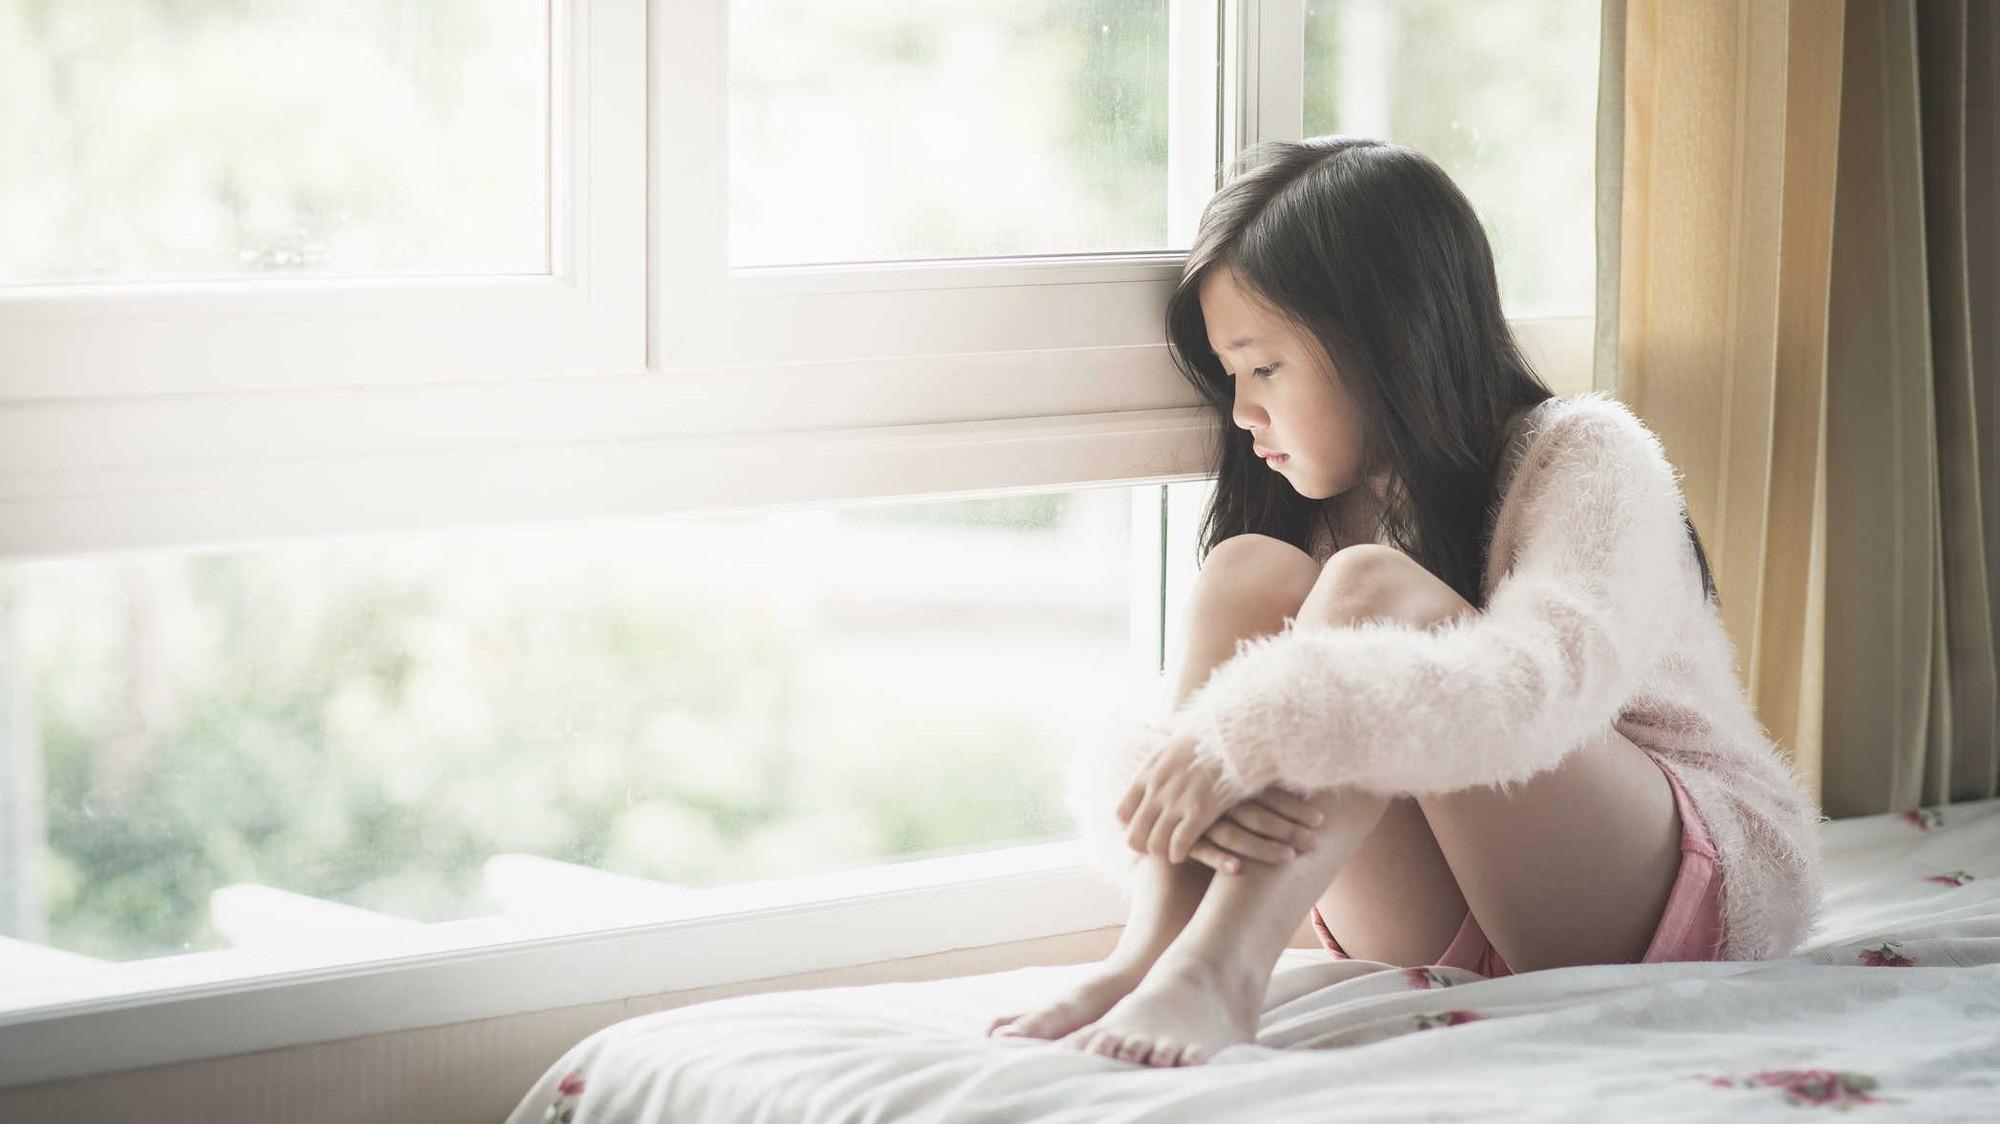 Hậu quả của bệnh trầm cảm: những hệ lụy không ai ngờ tới